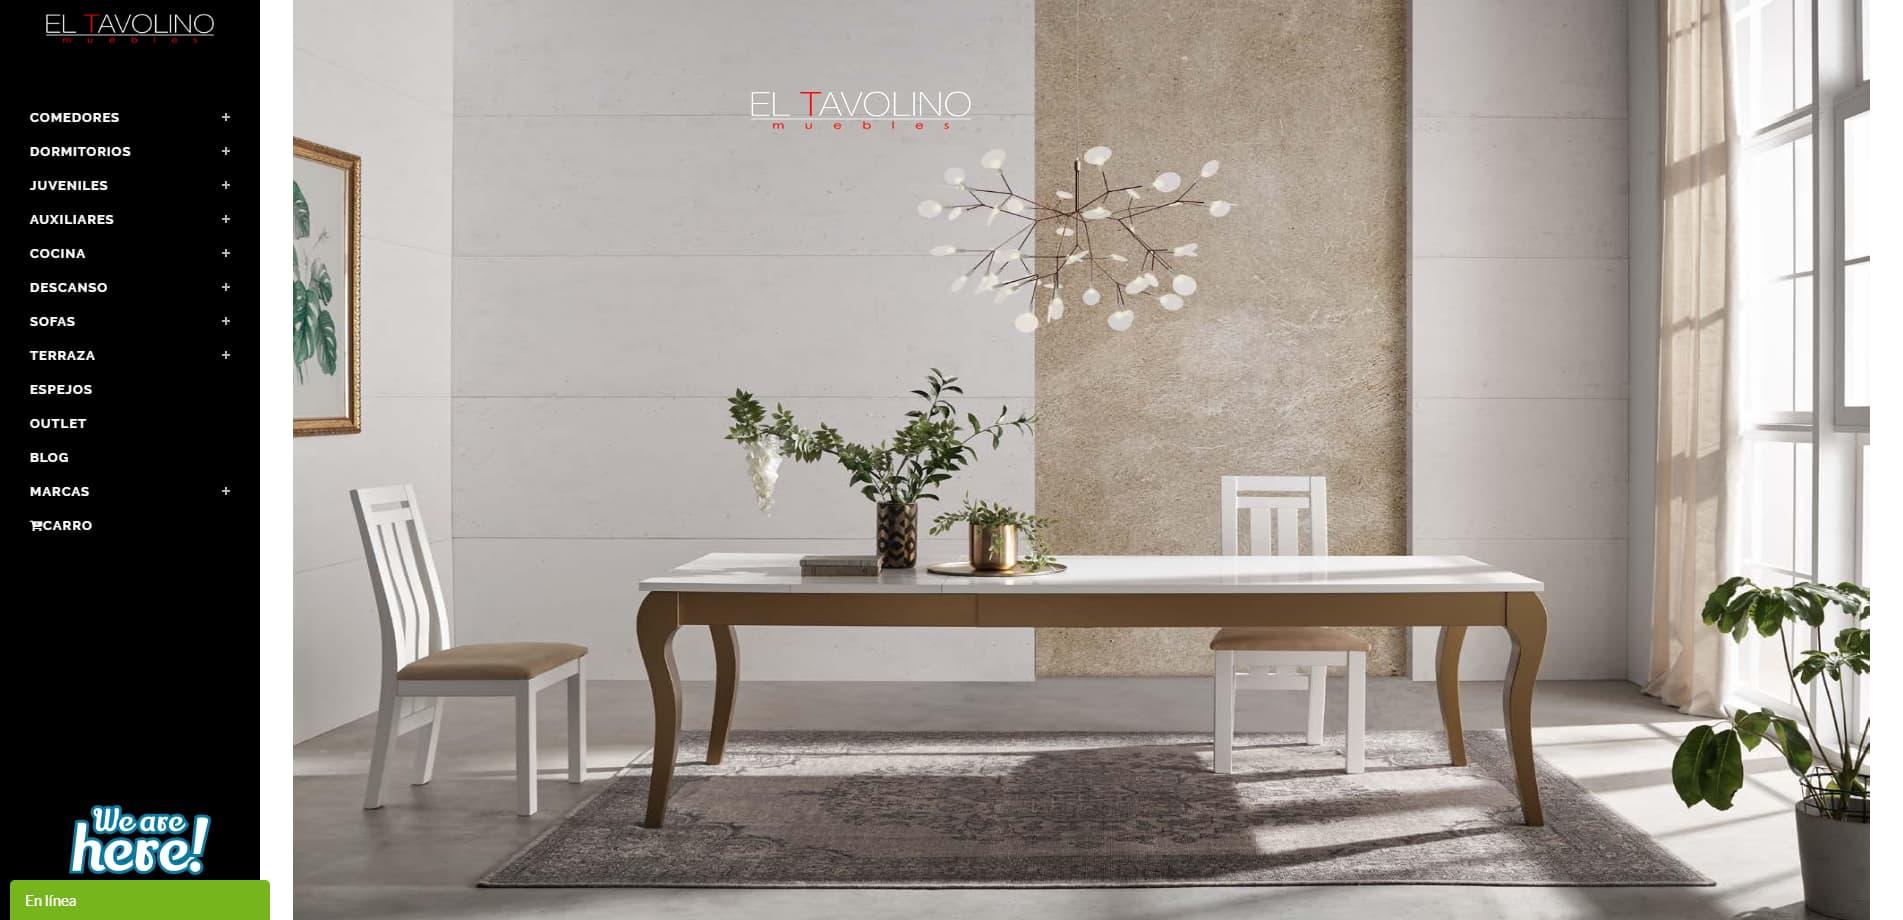 El Tavolino - Muebles Decoración